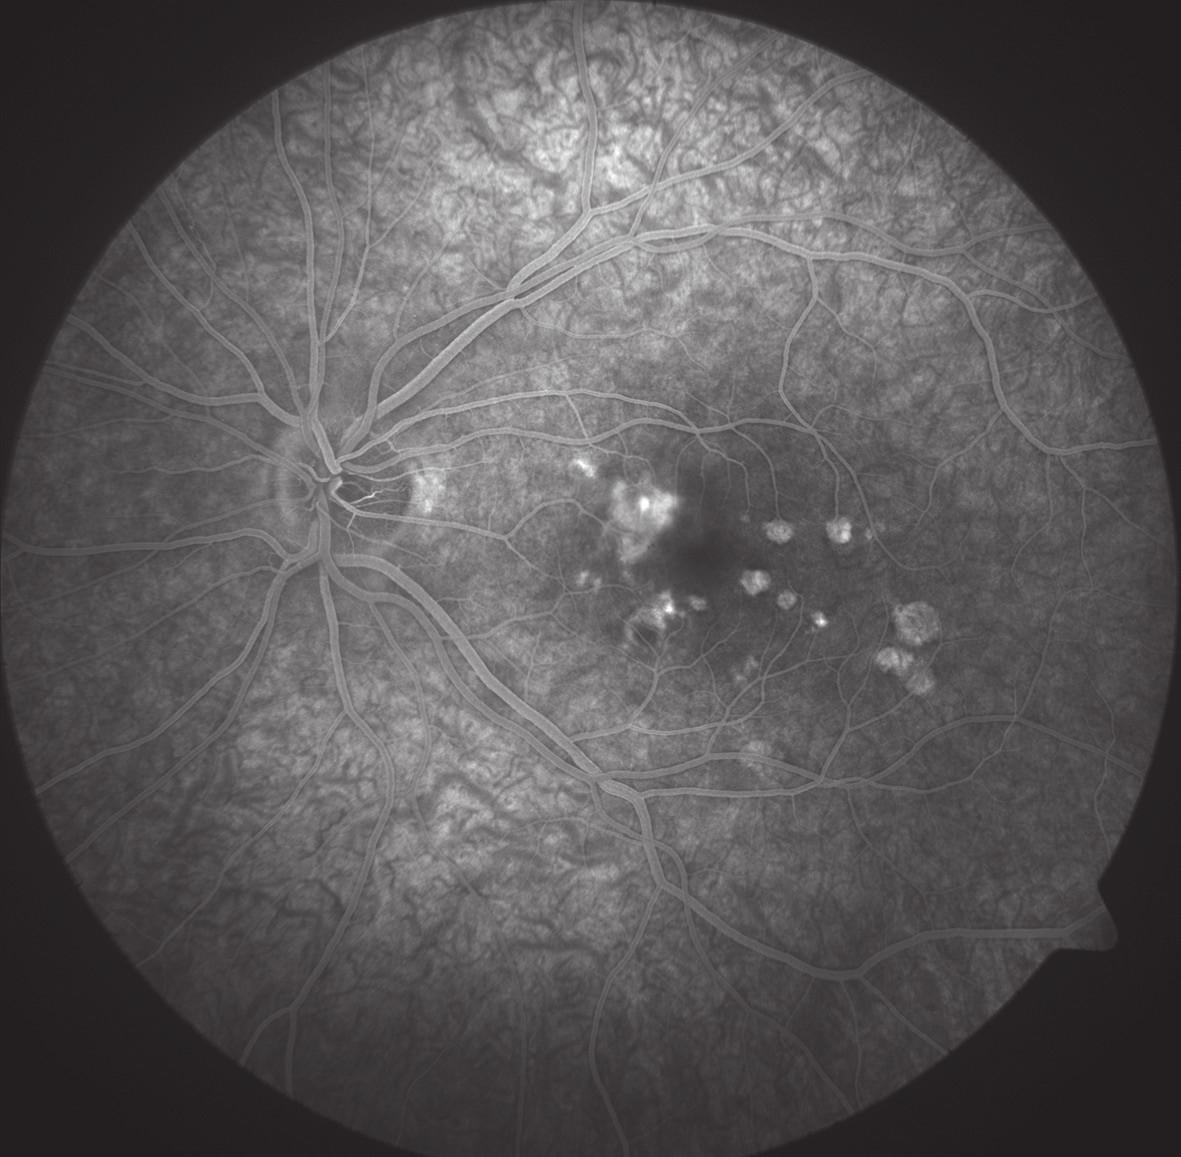 FAG oka levého. Gradující hyperfluorescence v místě akutního ložiska nasálně od foveoly